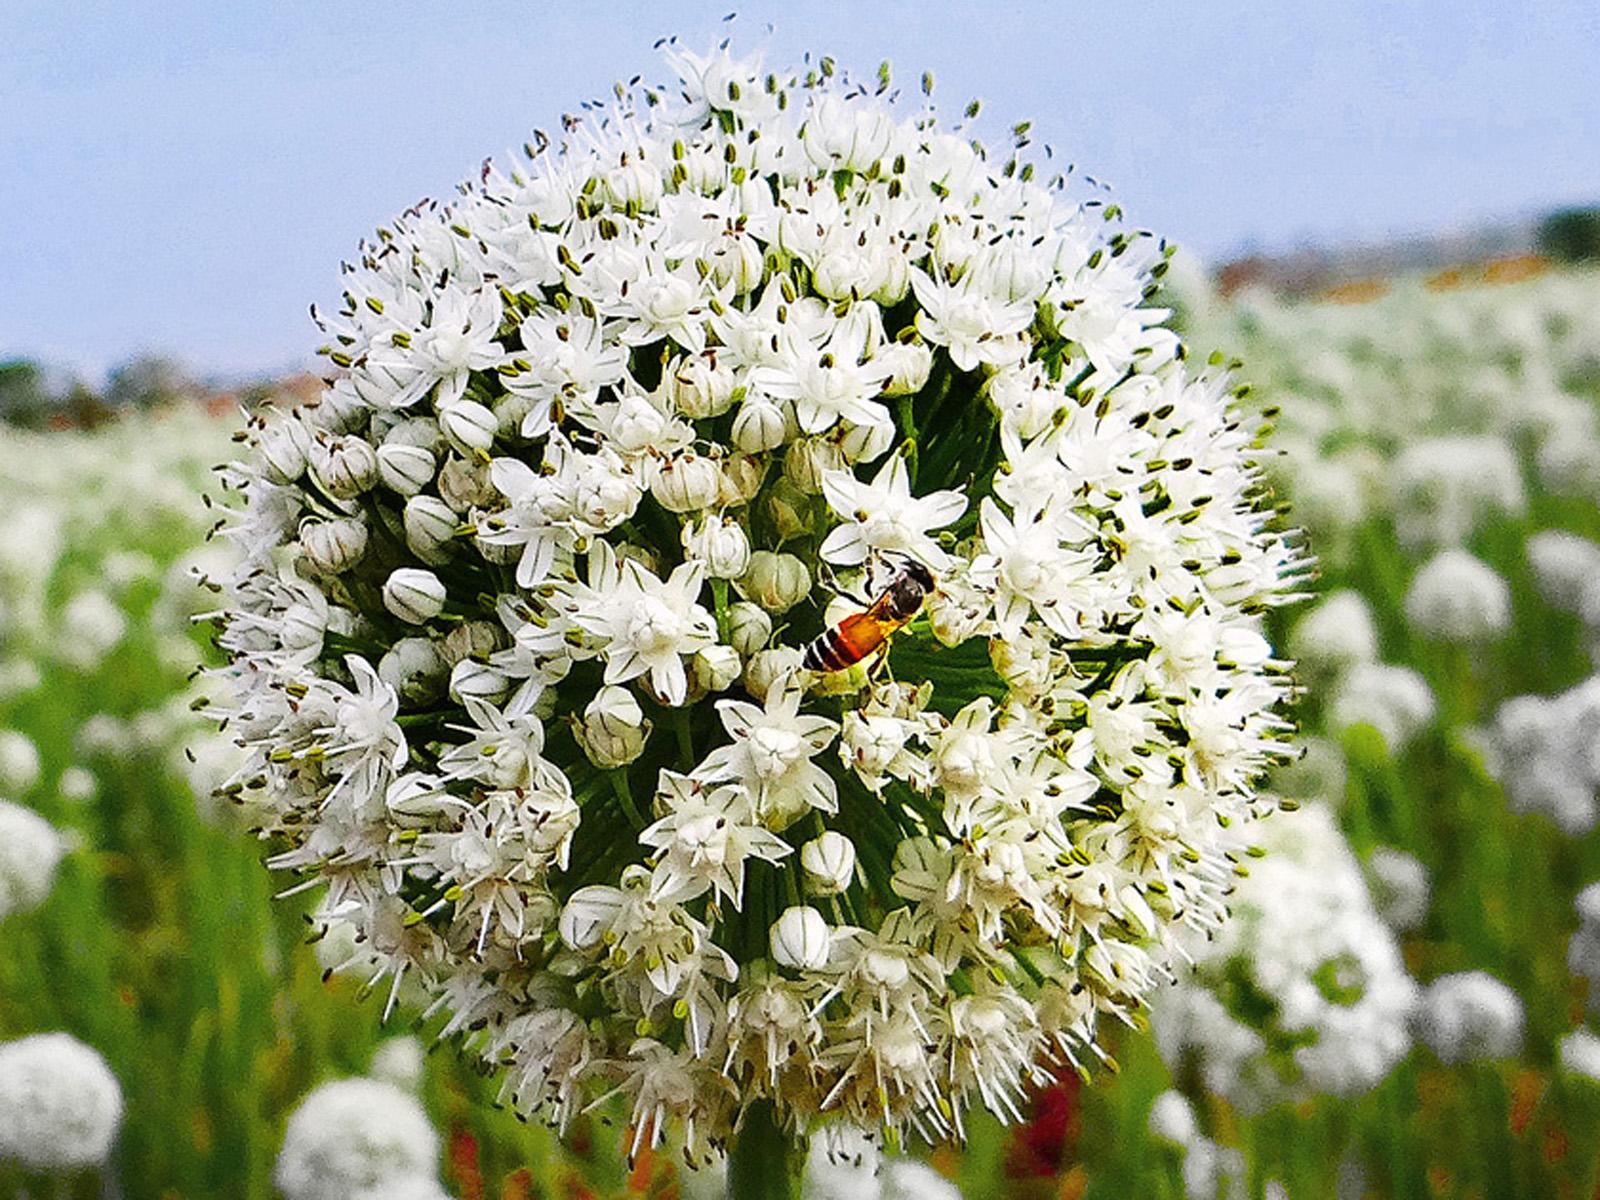 Cipolle in fiore e api